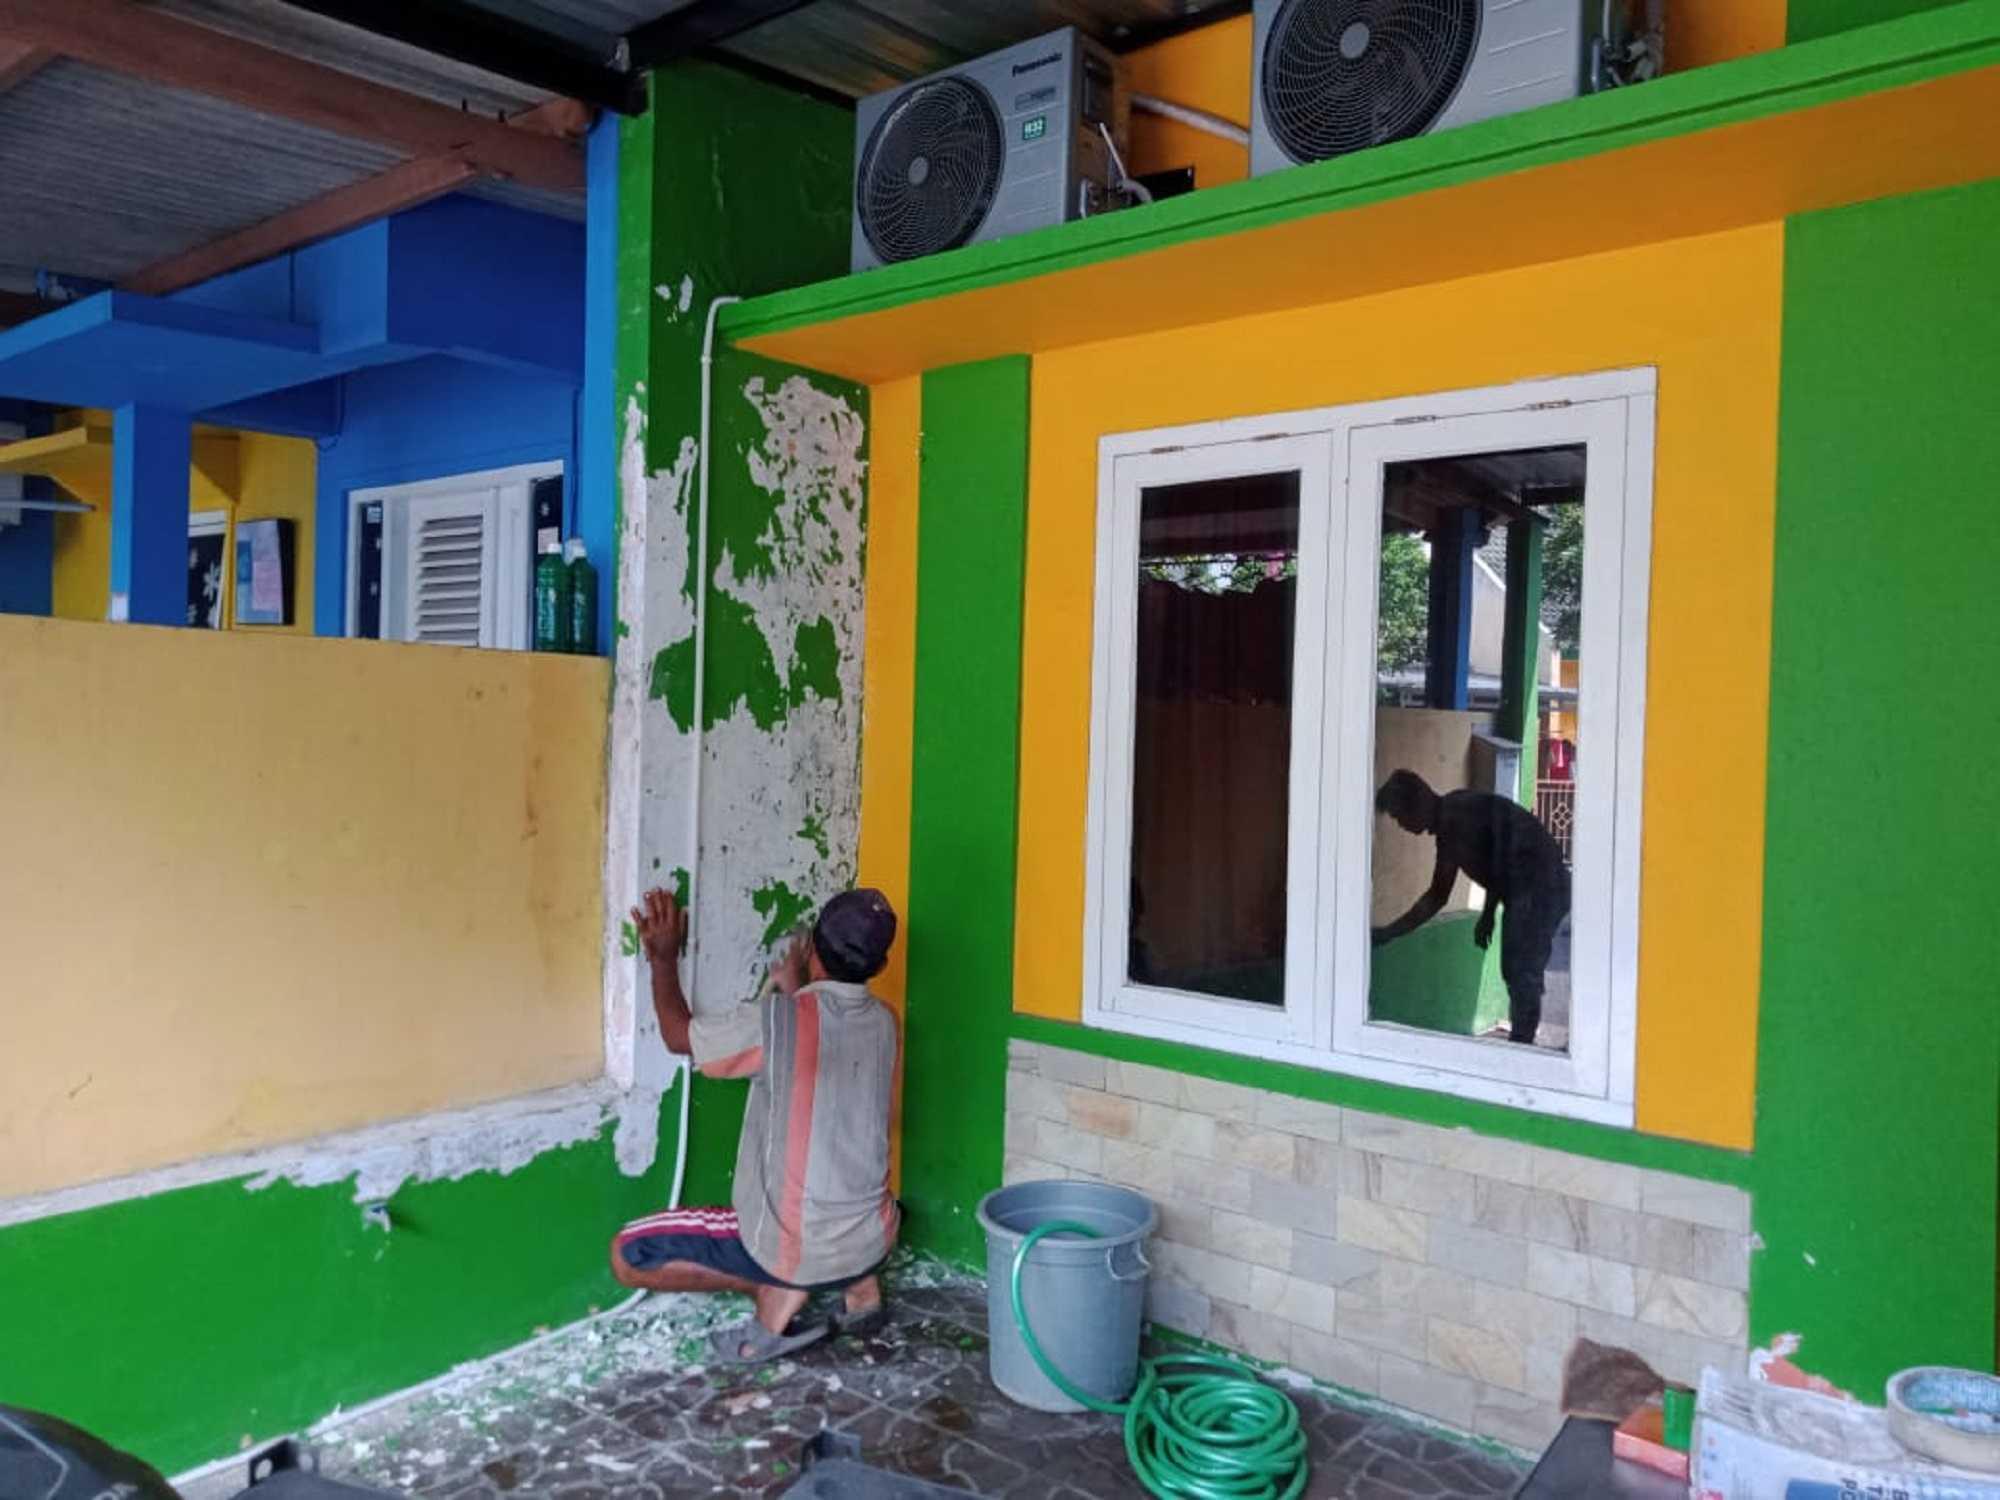 Rekoo Indonesia Repaint Rumah Semarang, Kota Semarang, Jawa Tengah, Indonesia Semarang, Kota Semarang, Jawa Tengah, Indonesia Rekoo-Indonesia-Repaint-Rumah  133255